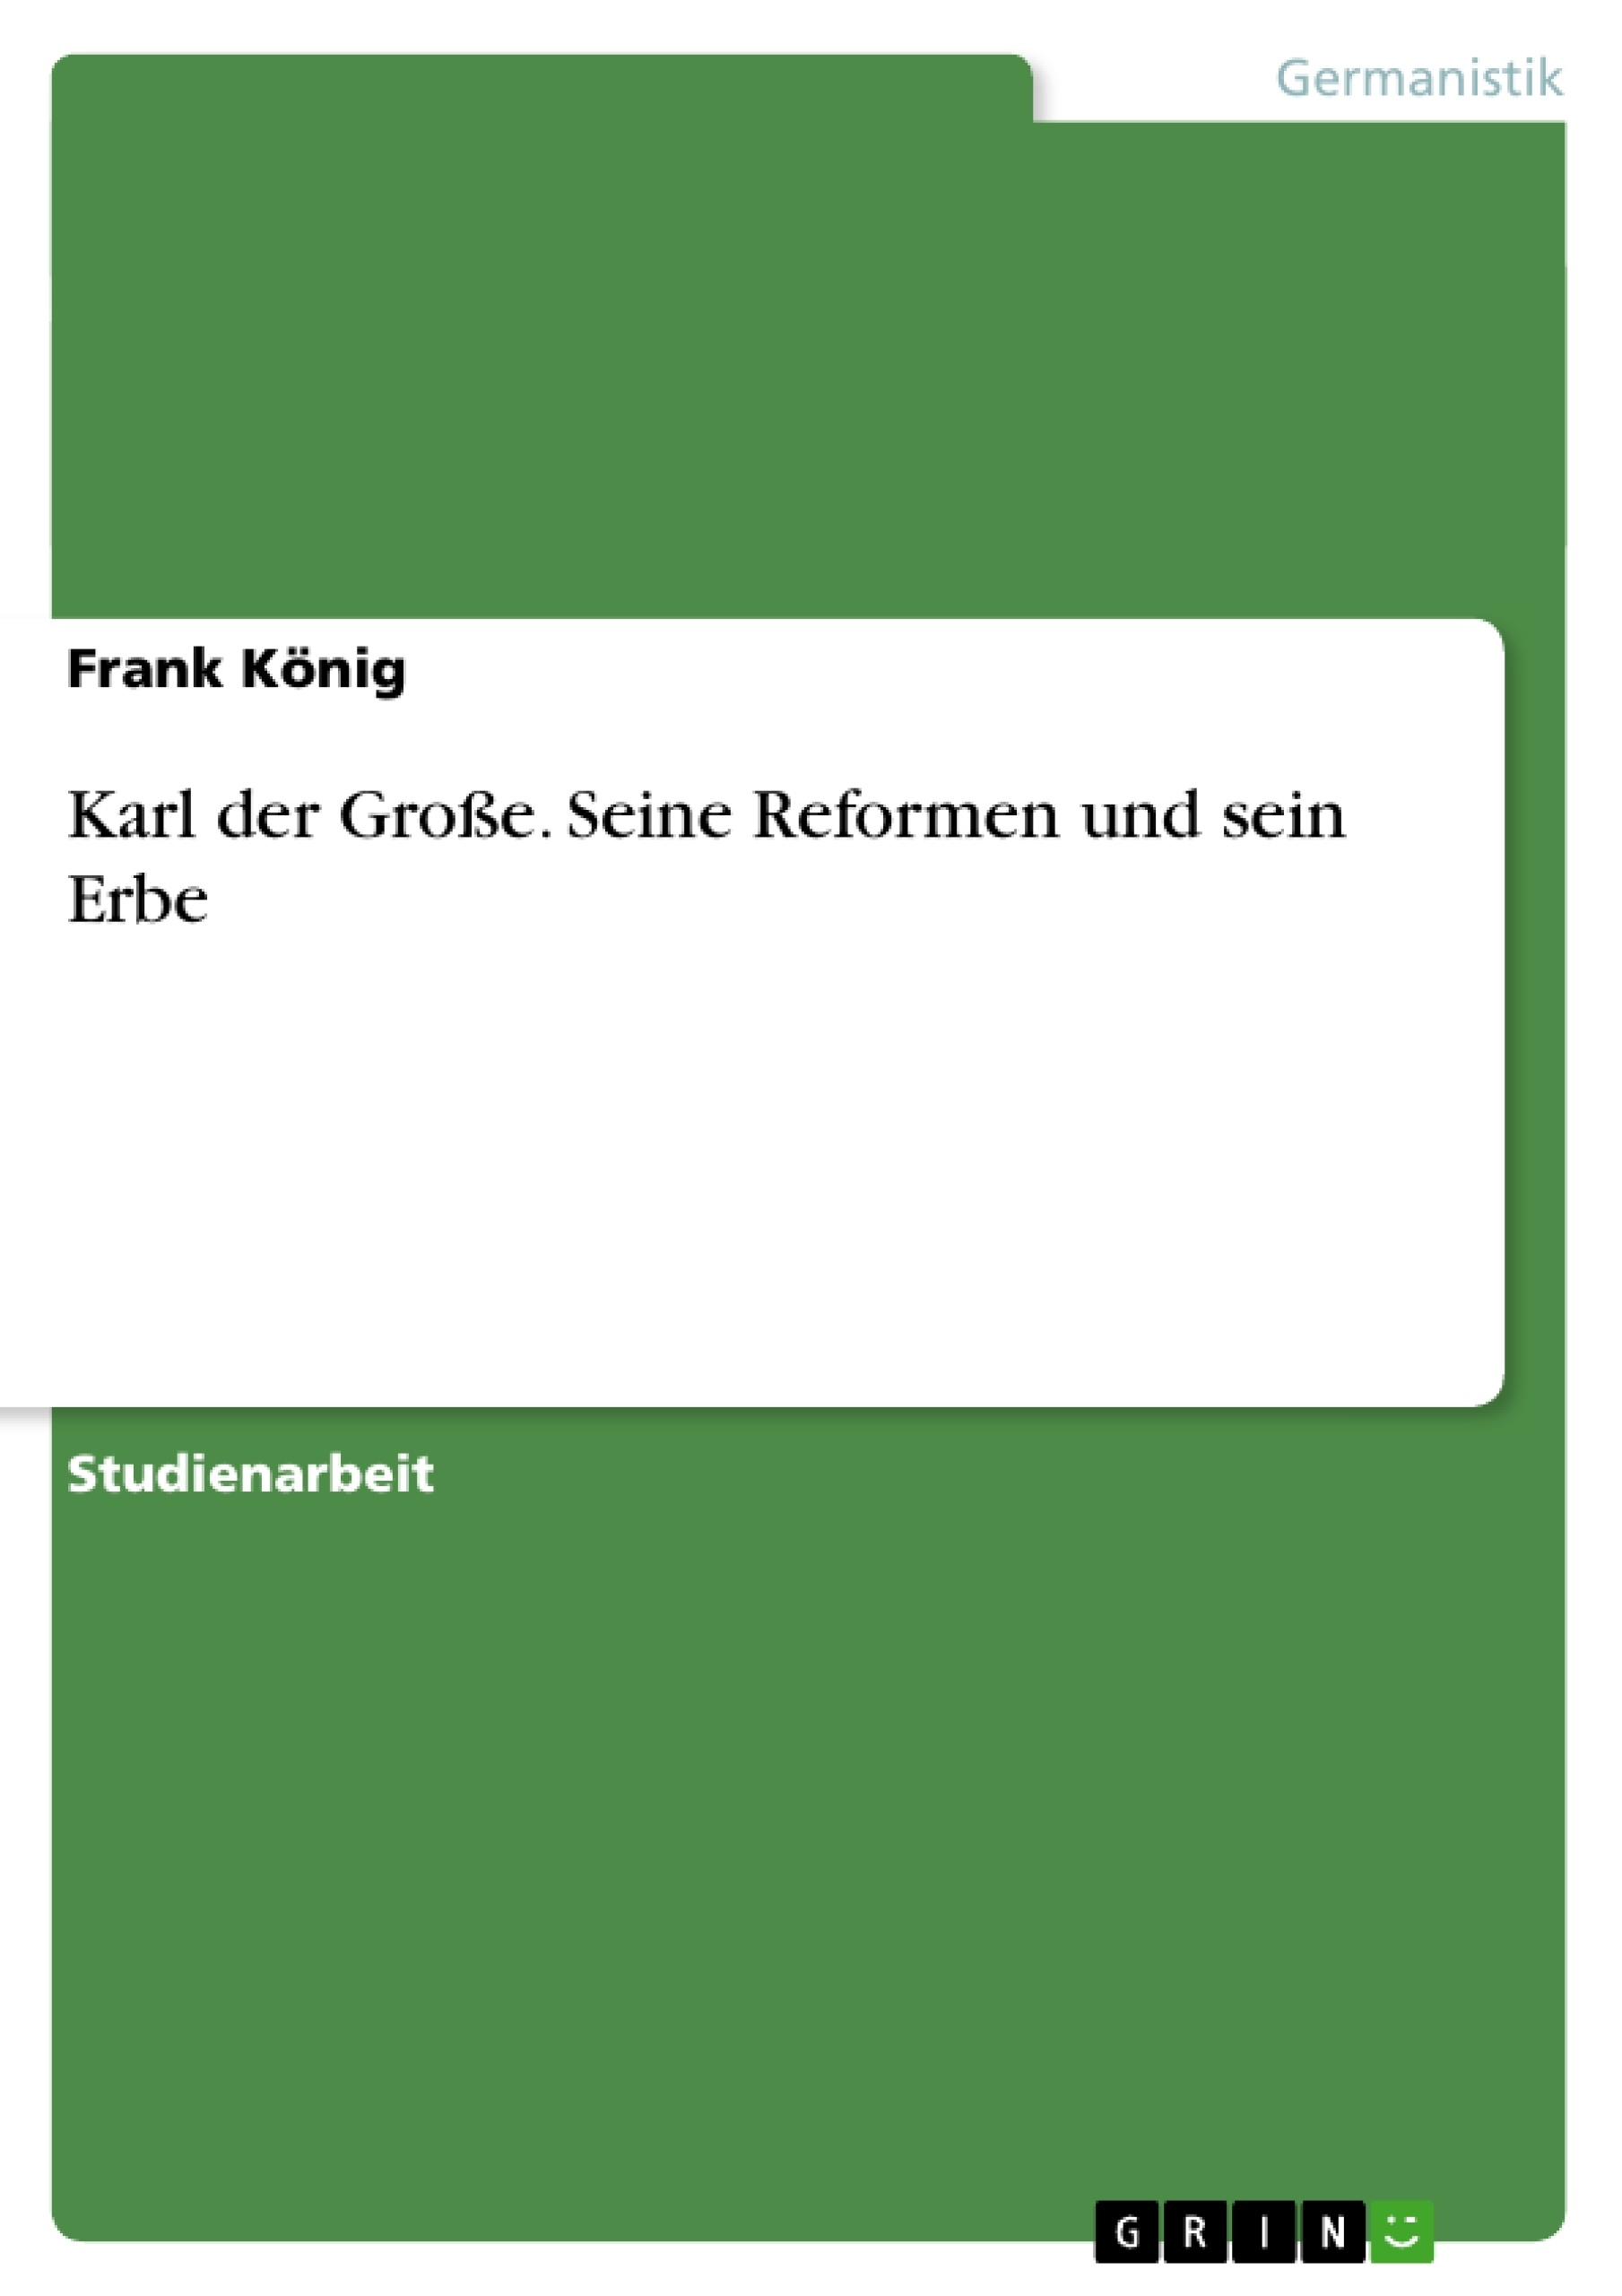 Titel: Karl der Große. Seine Reformen und sein Erbe